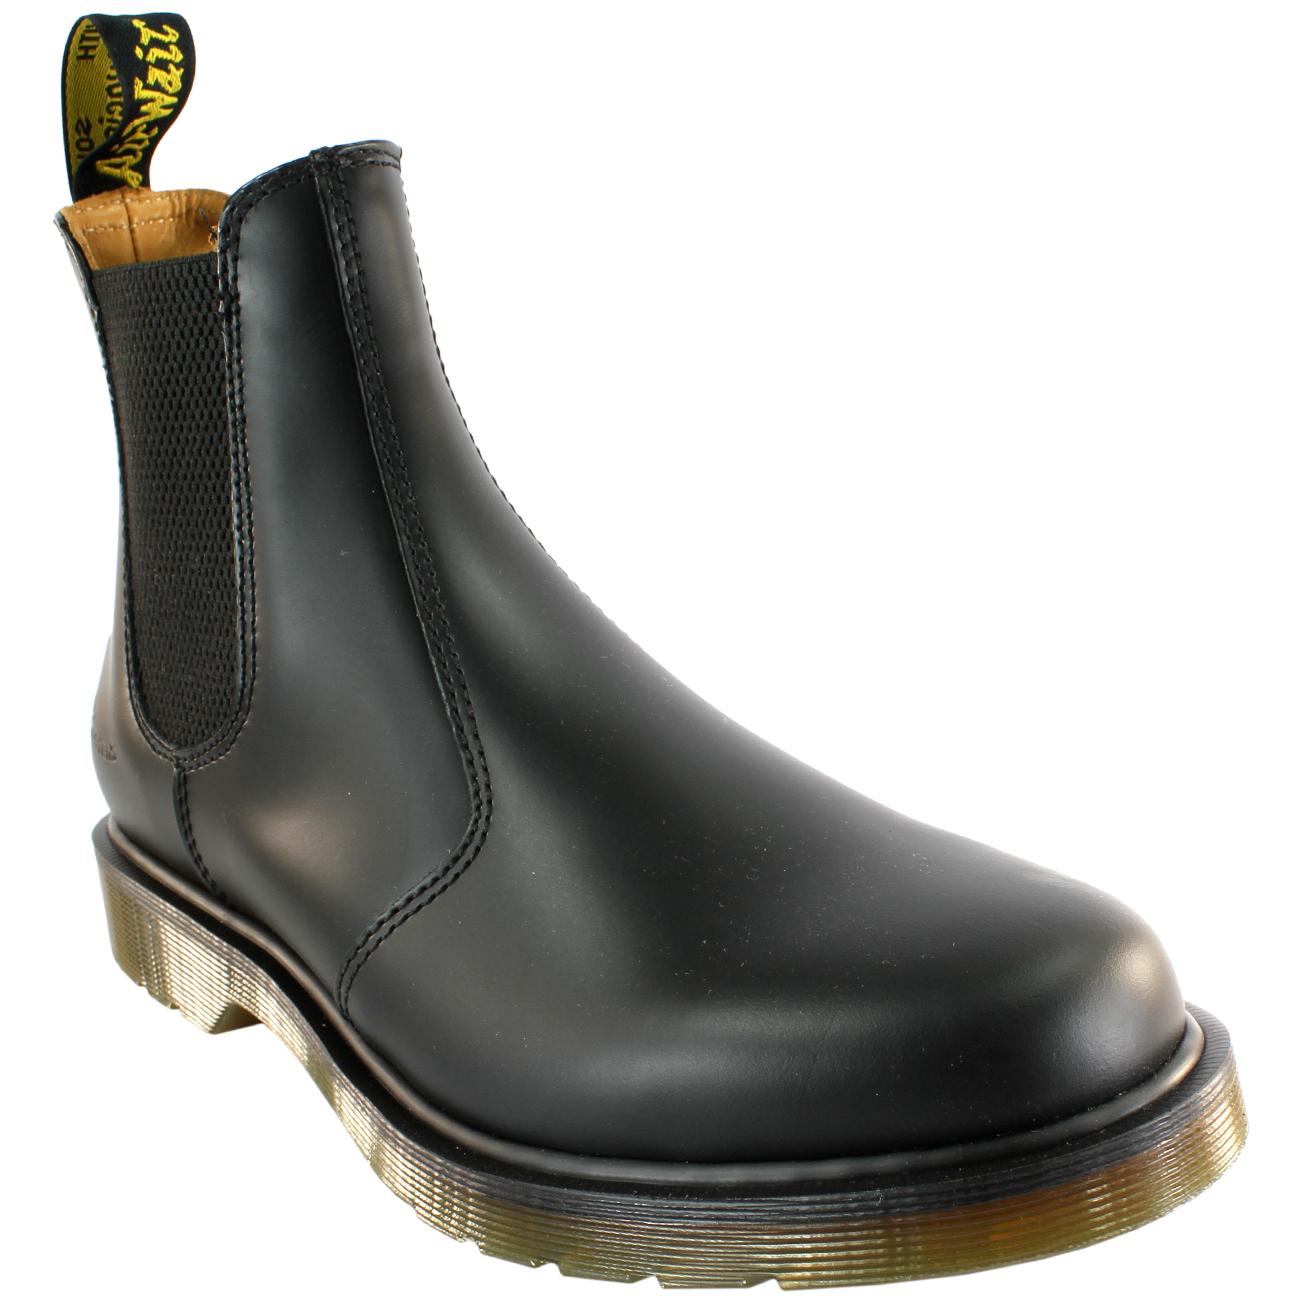 Damenschuhe Niedrig Dr Martens Airwair Leder Chelsea Style Niedrig Damenschuhe Heel Ankle Boot ... 16ef85